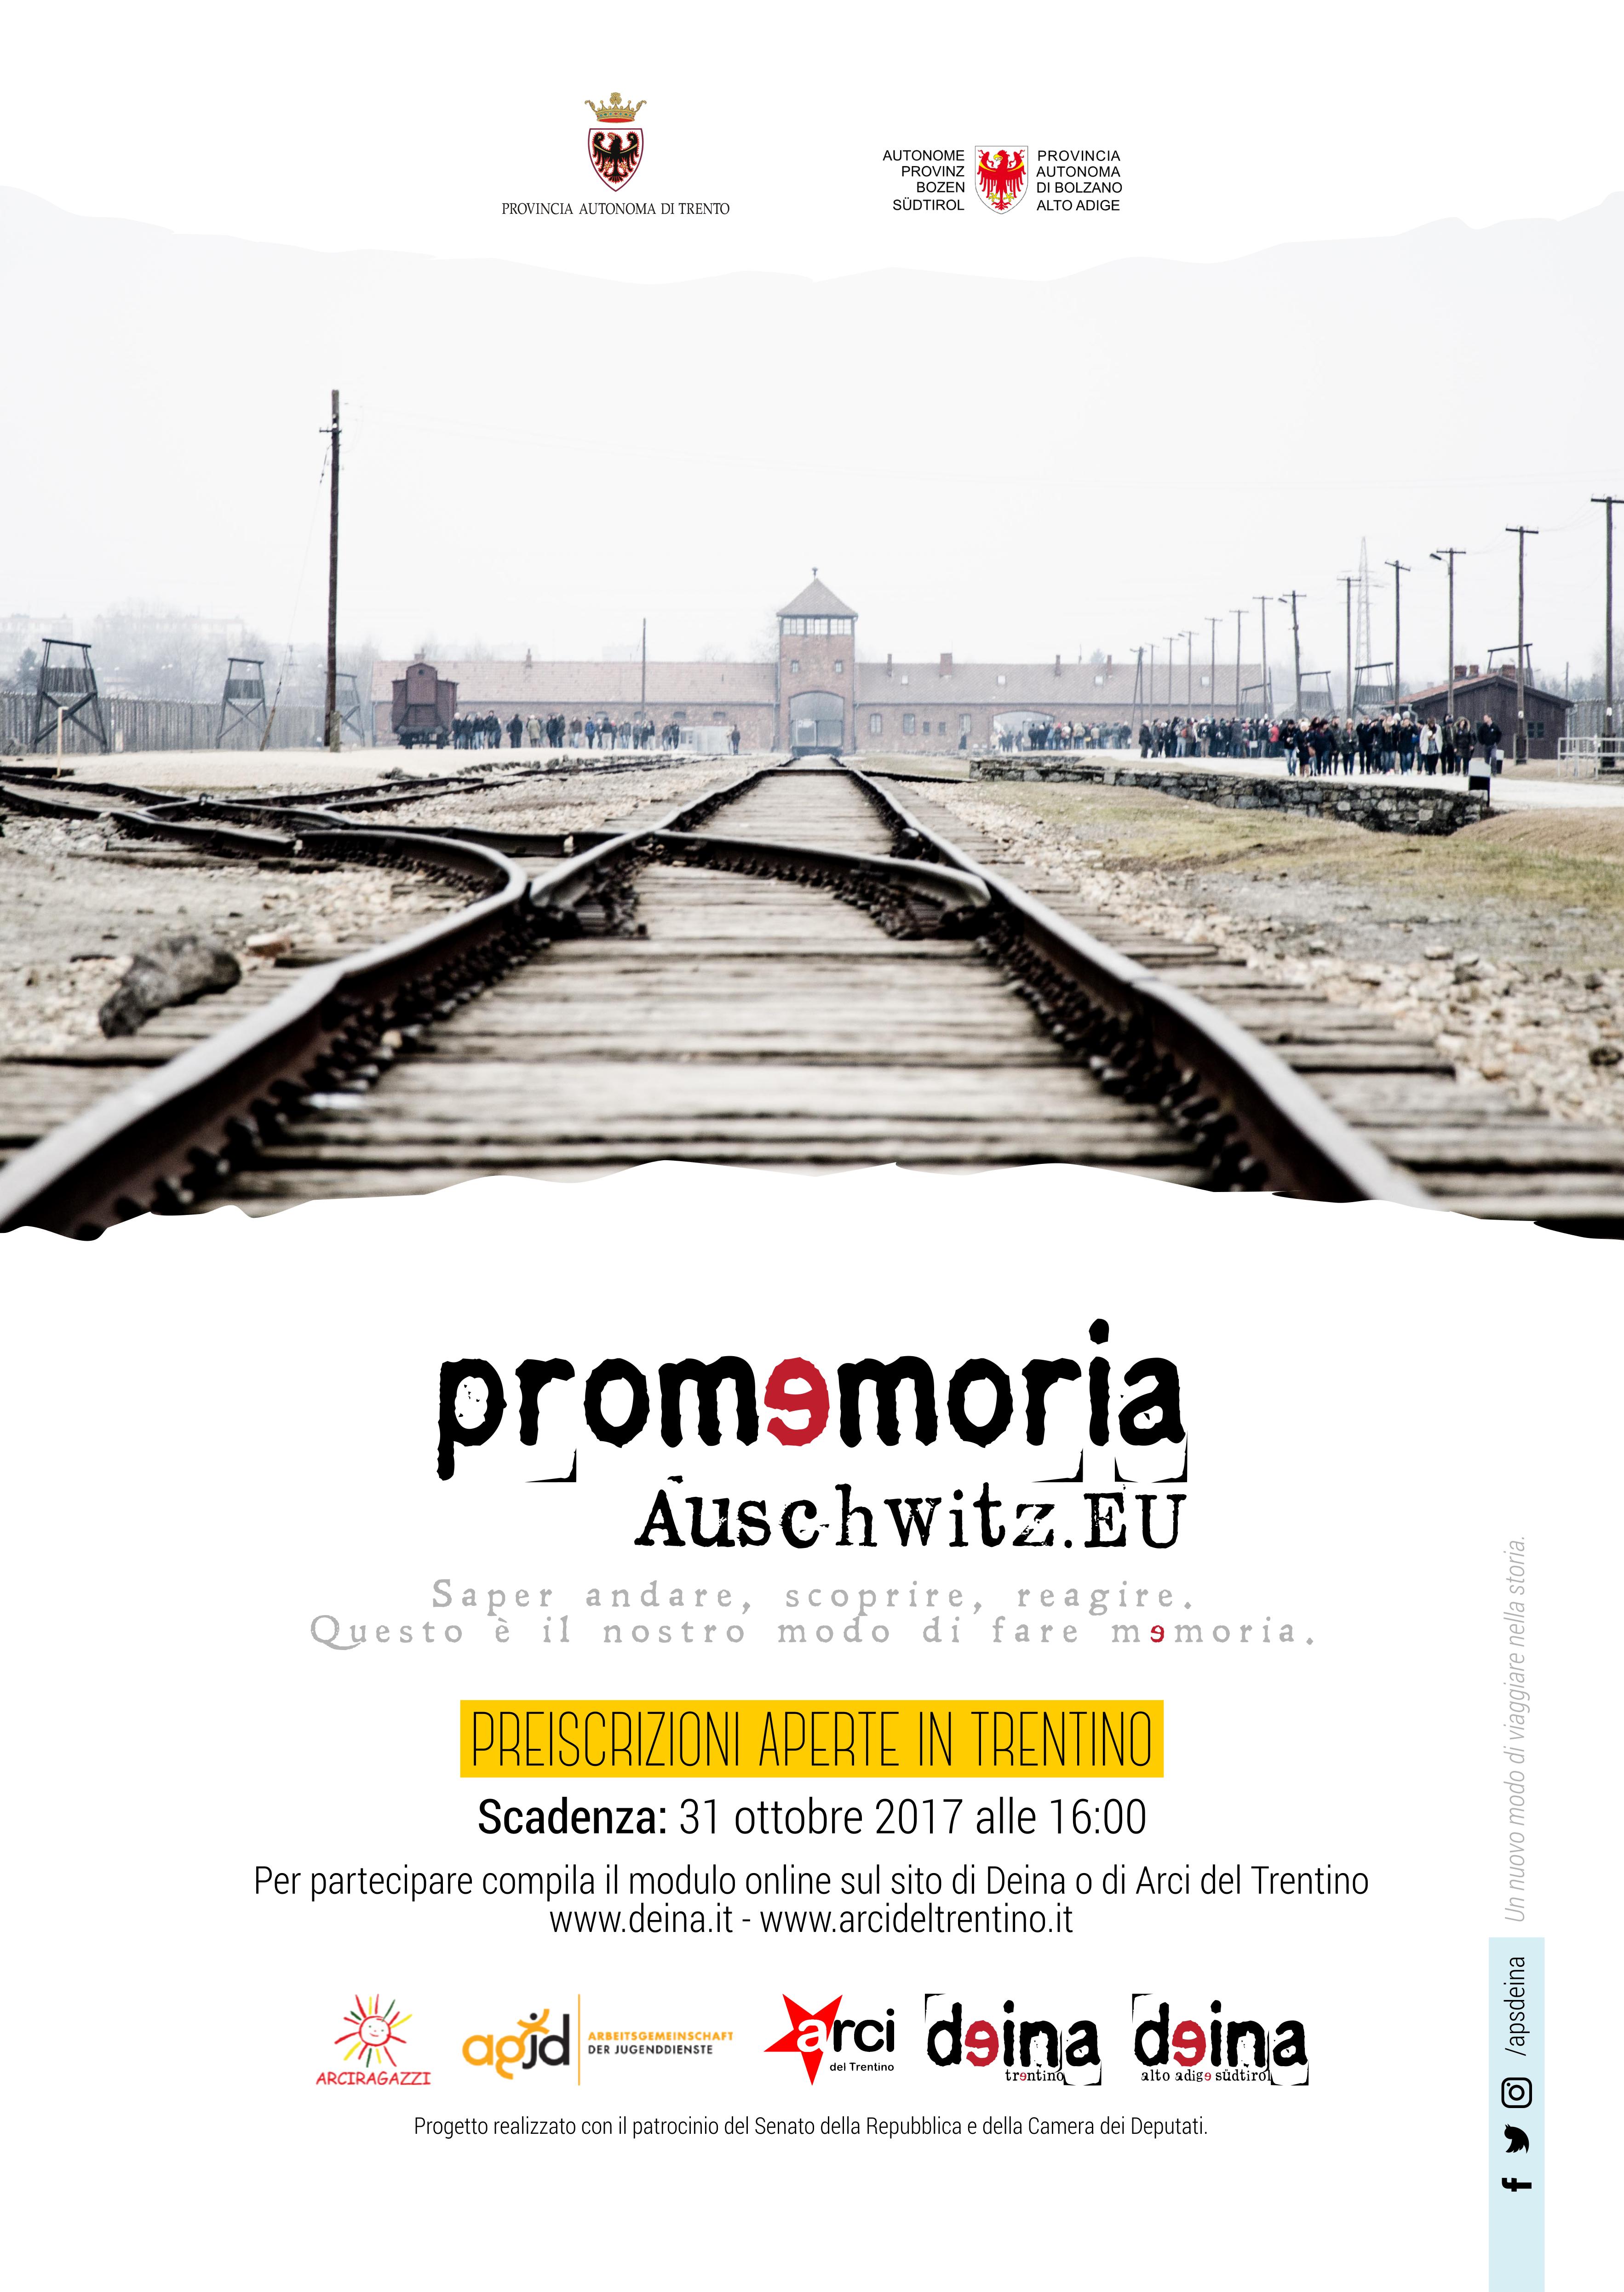 locandina promemoria_auschwitz.eu 2018 Trentino